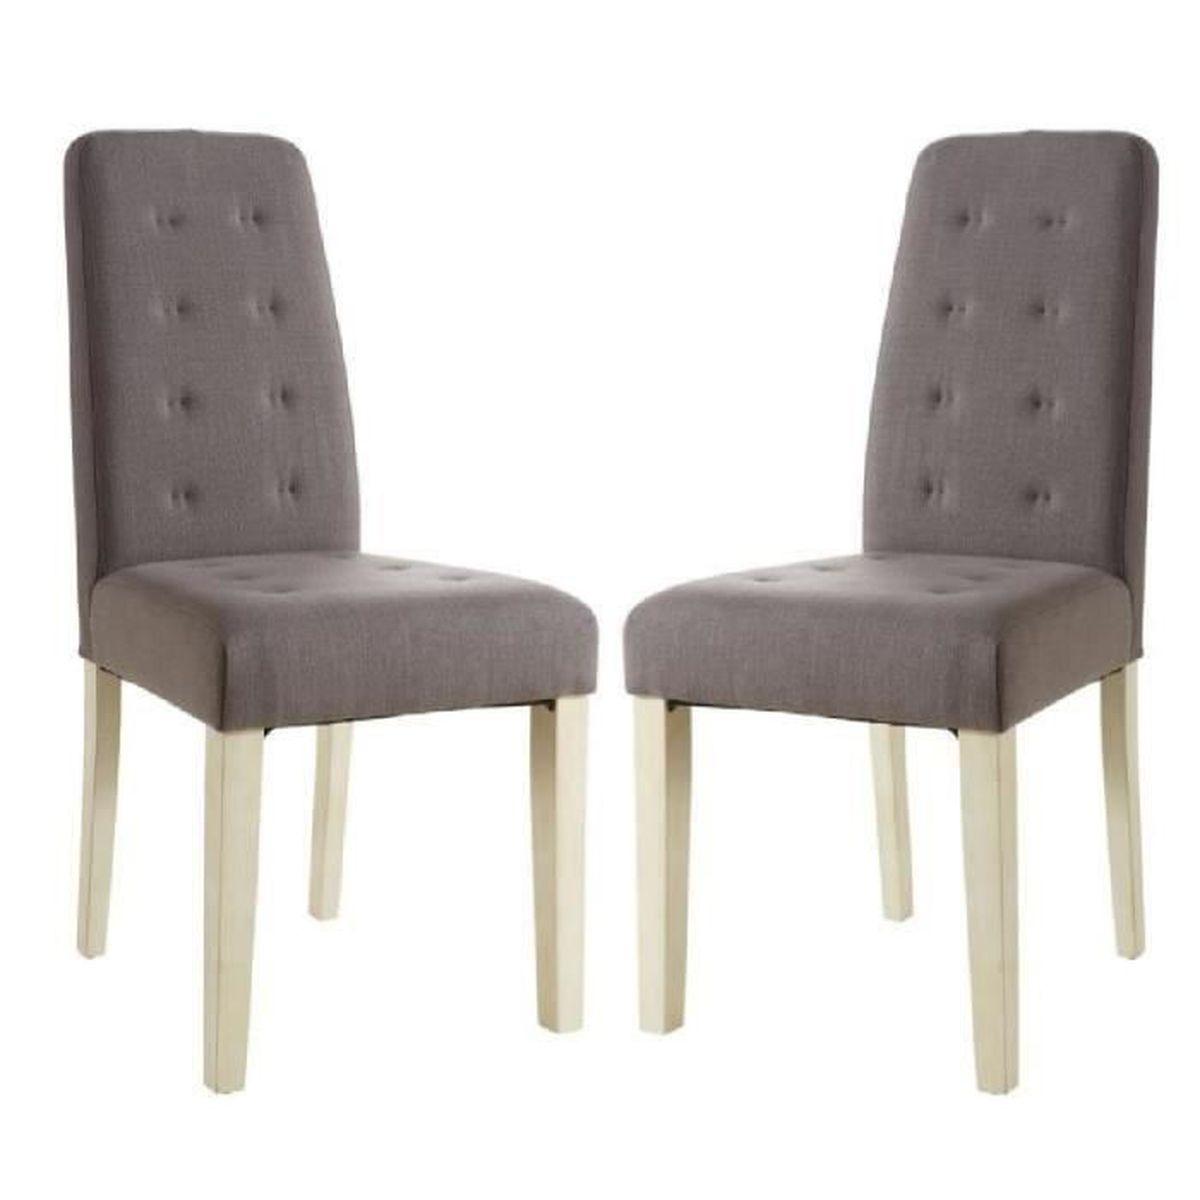 Alvis lot de 2 chaises de salle manger 45x58x95 cm for Chaises salle a manger taupe